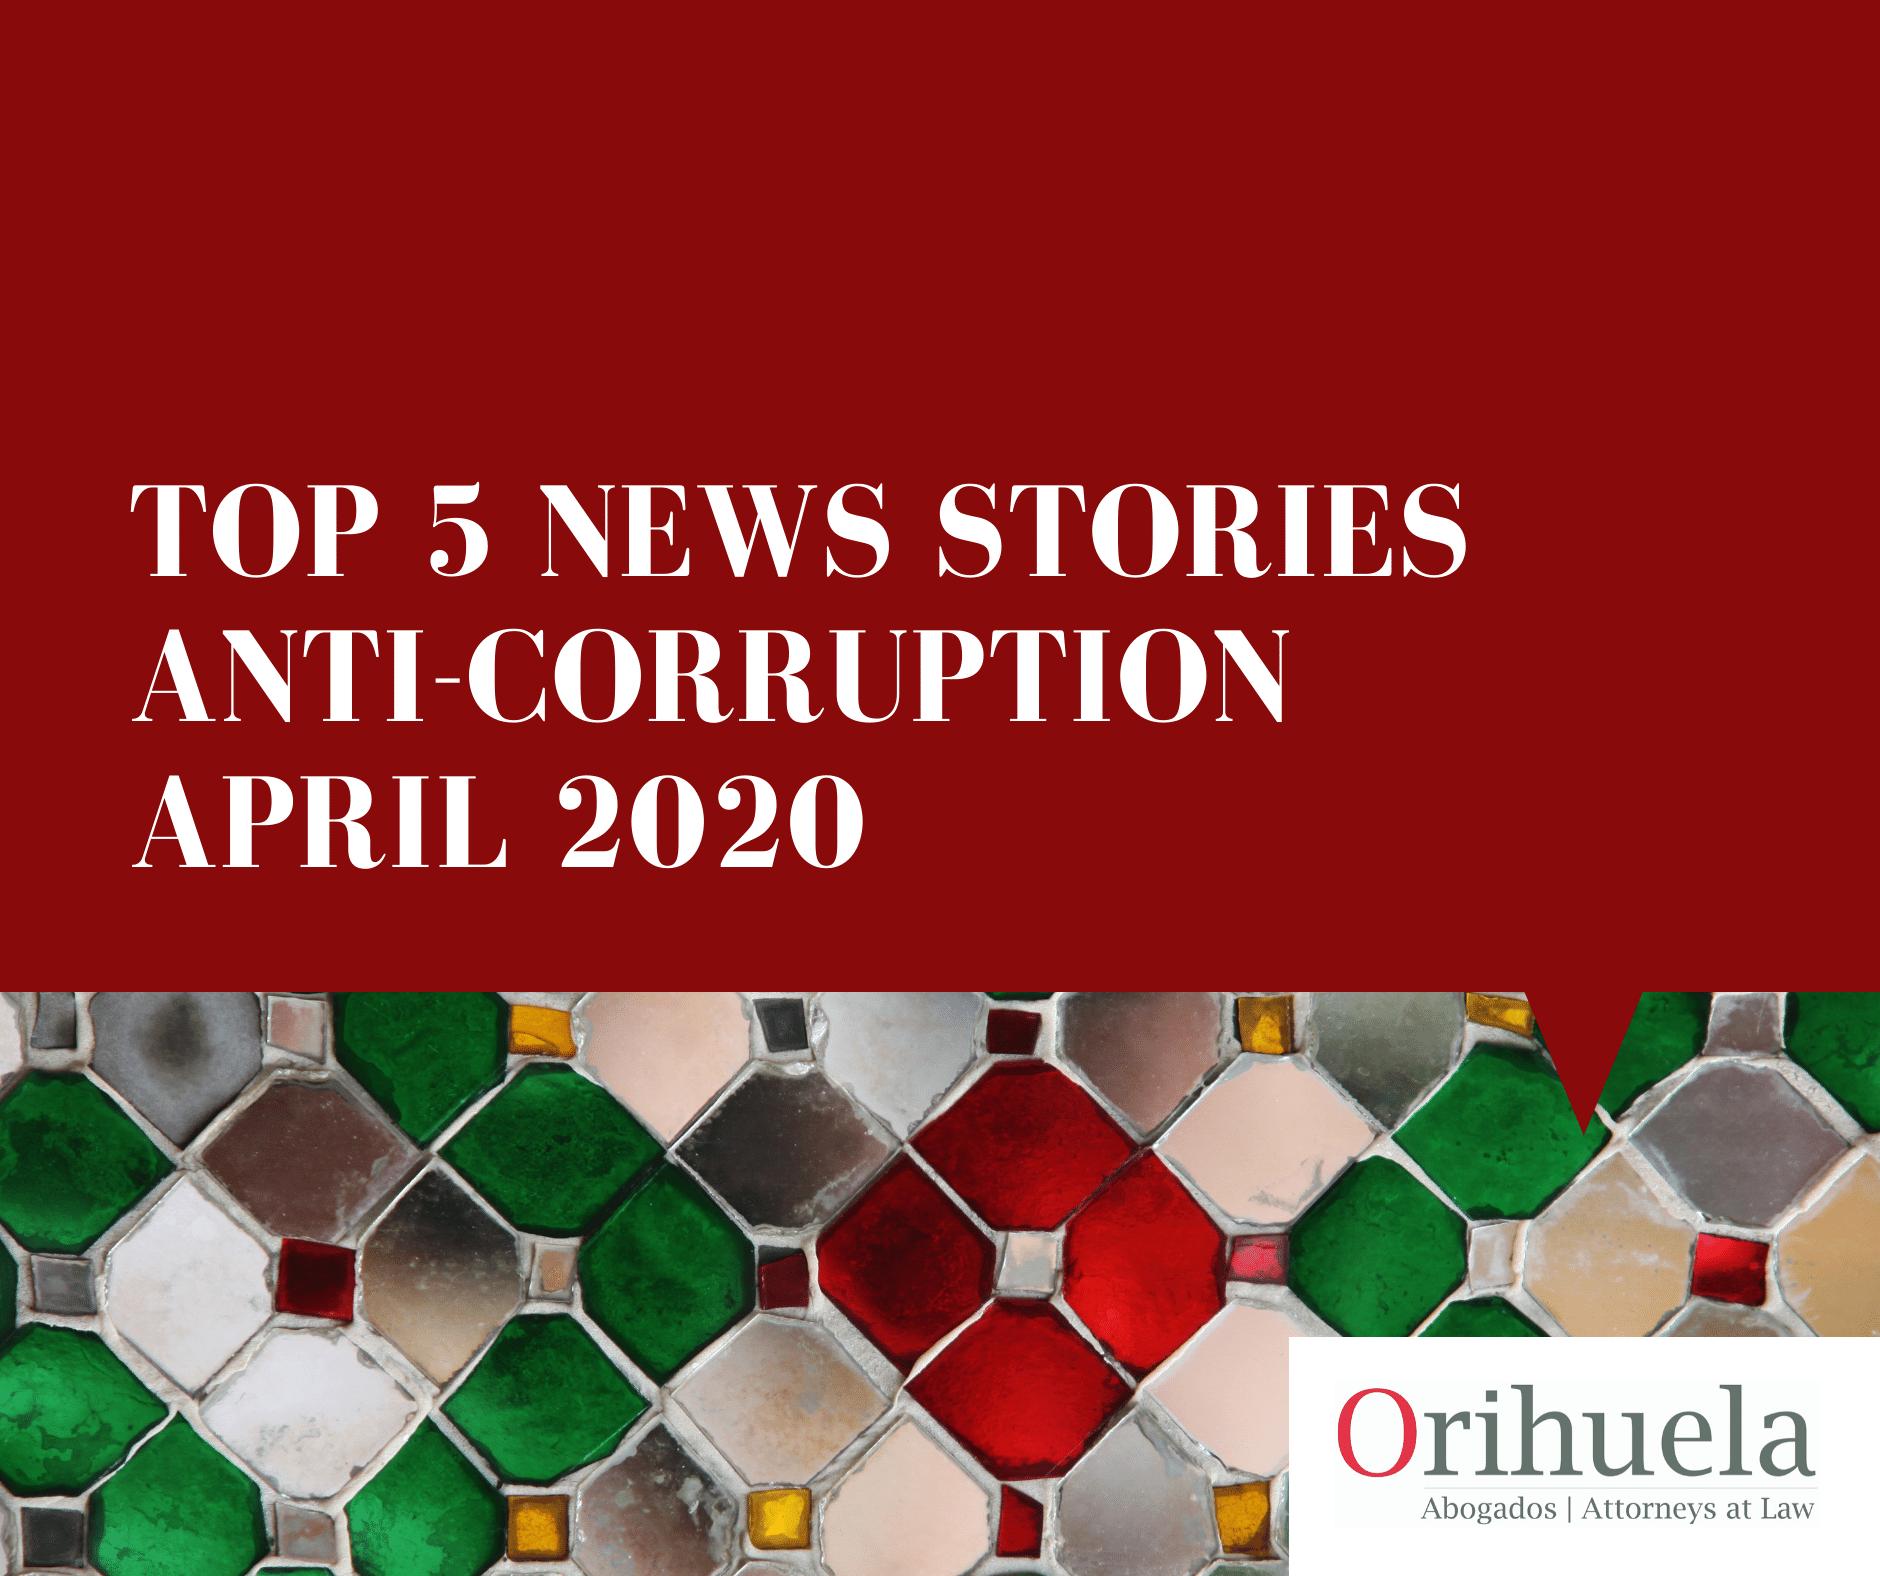 Our top 5 anti-corruption news stories – April 2020